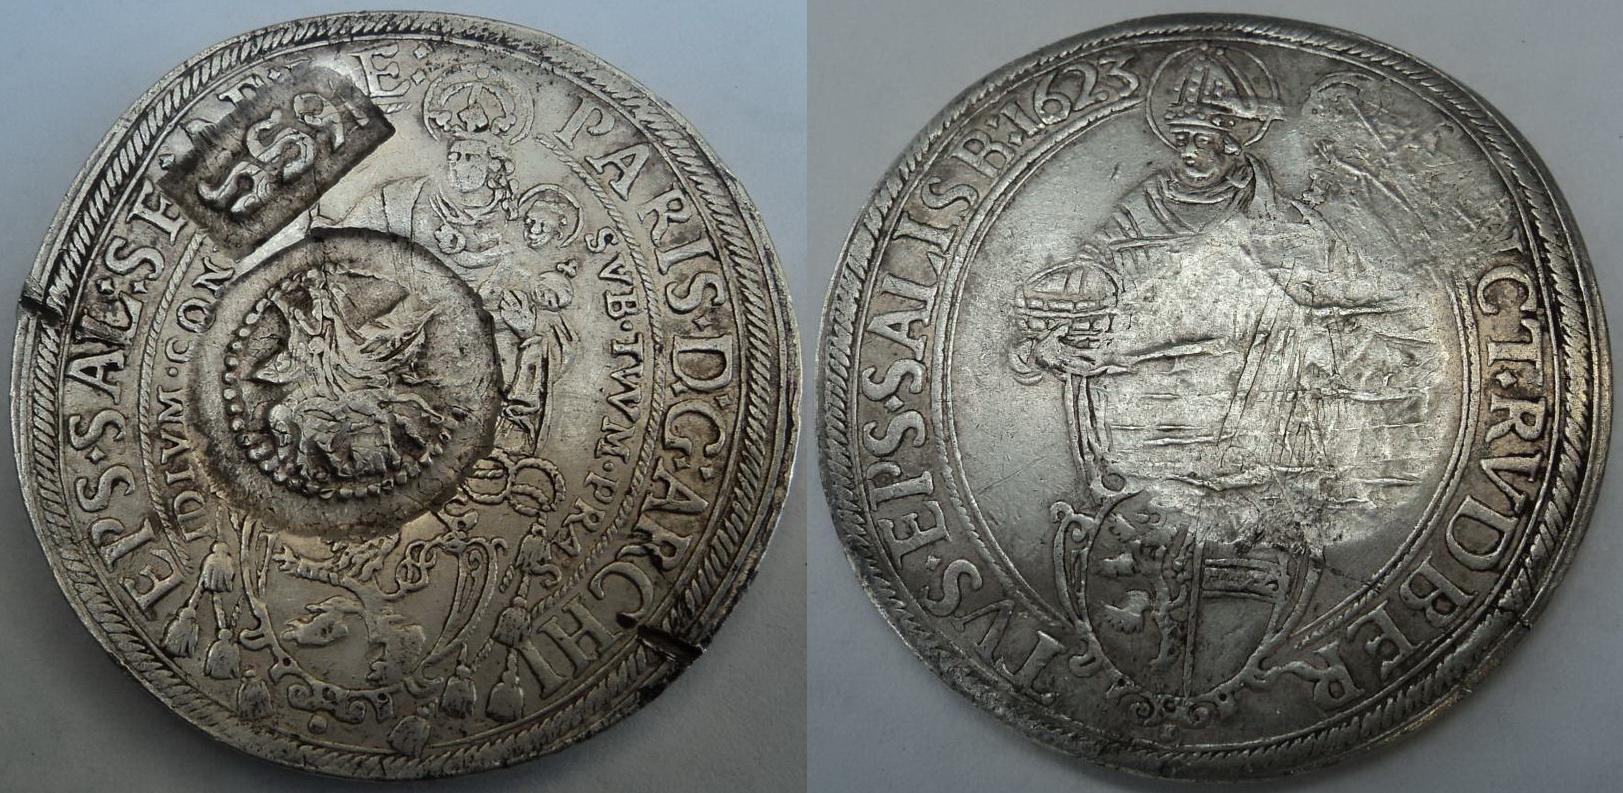 Разменная монета китая 4 буквы билон что это